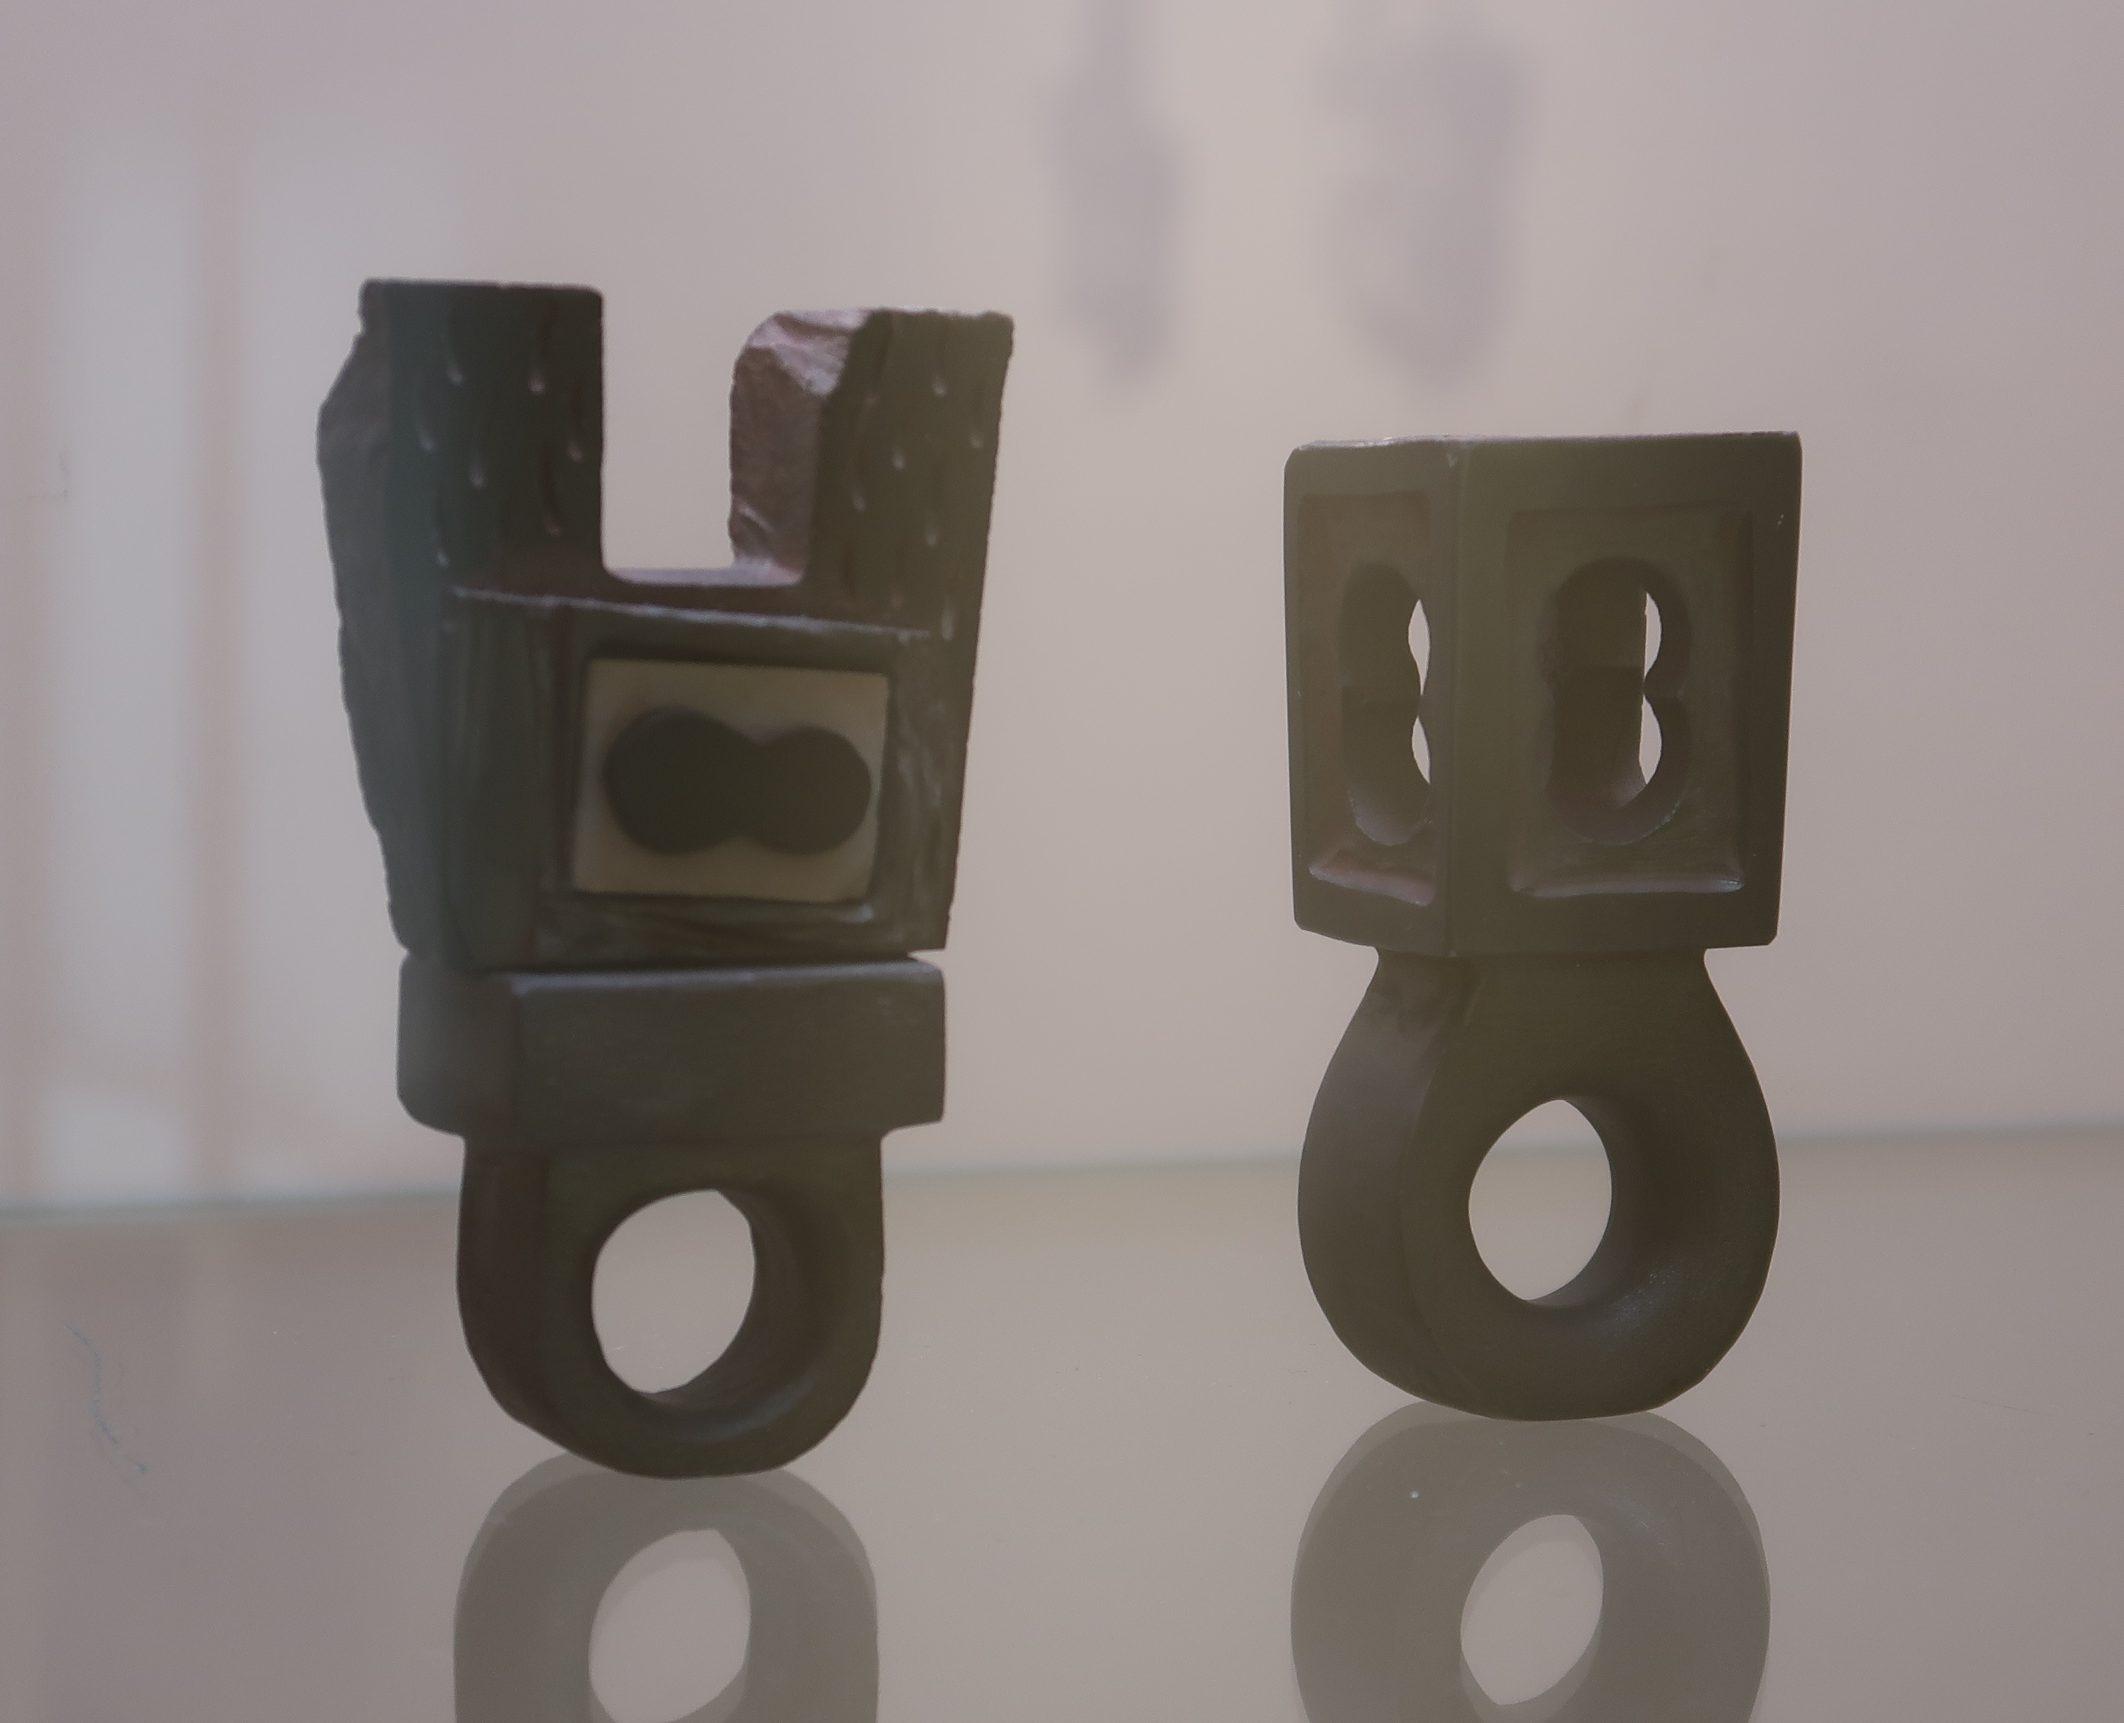 Ringen, Stones - The Final Cut, Galerie Handwerk, München, 11 maart 2020. Foto Coert Peter Krabbe, tentoonstelling